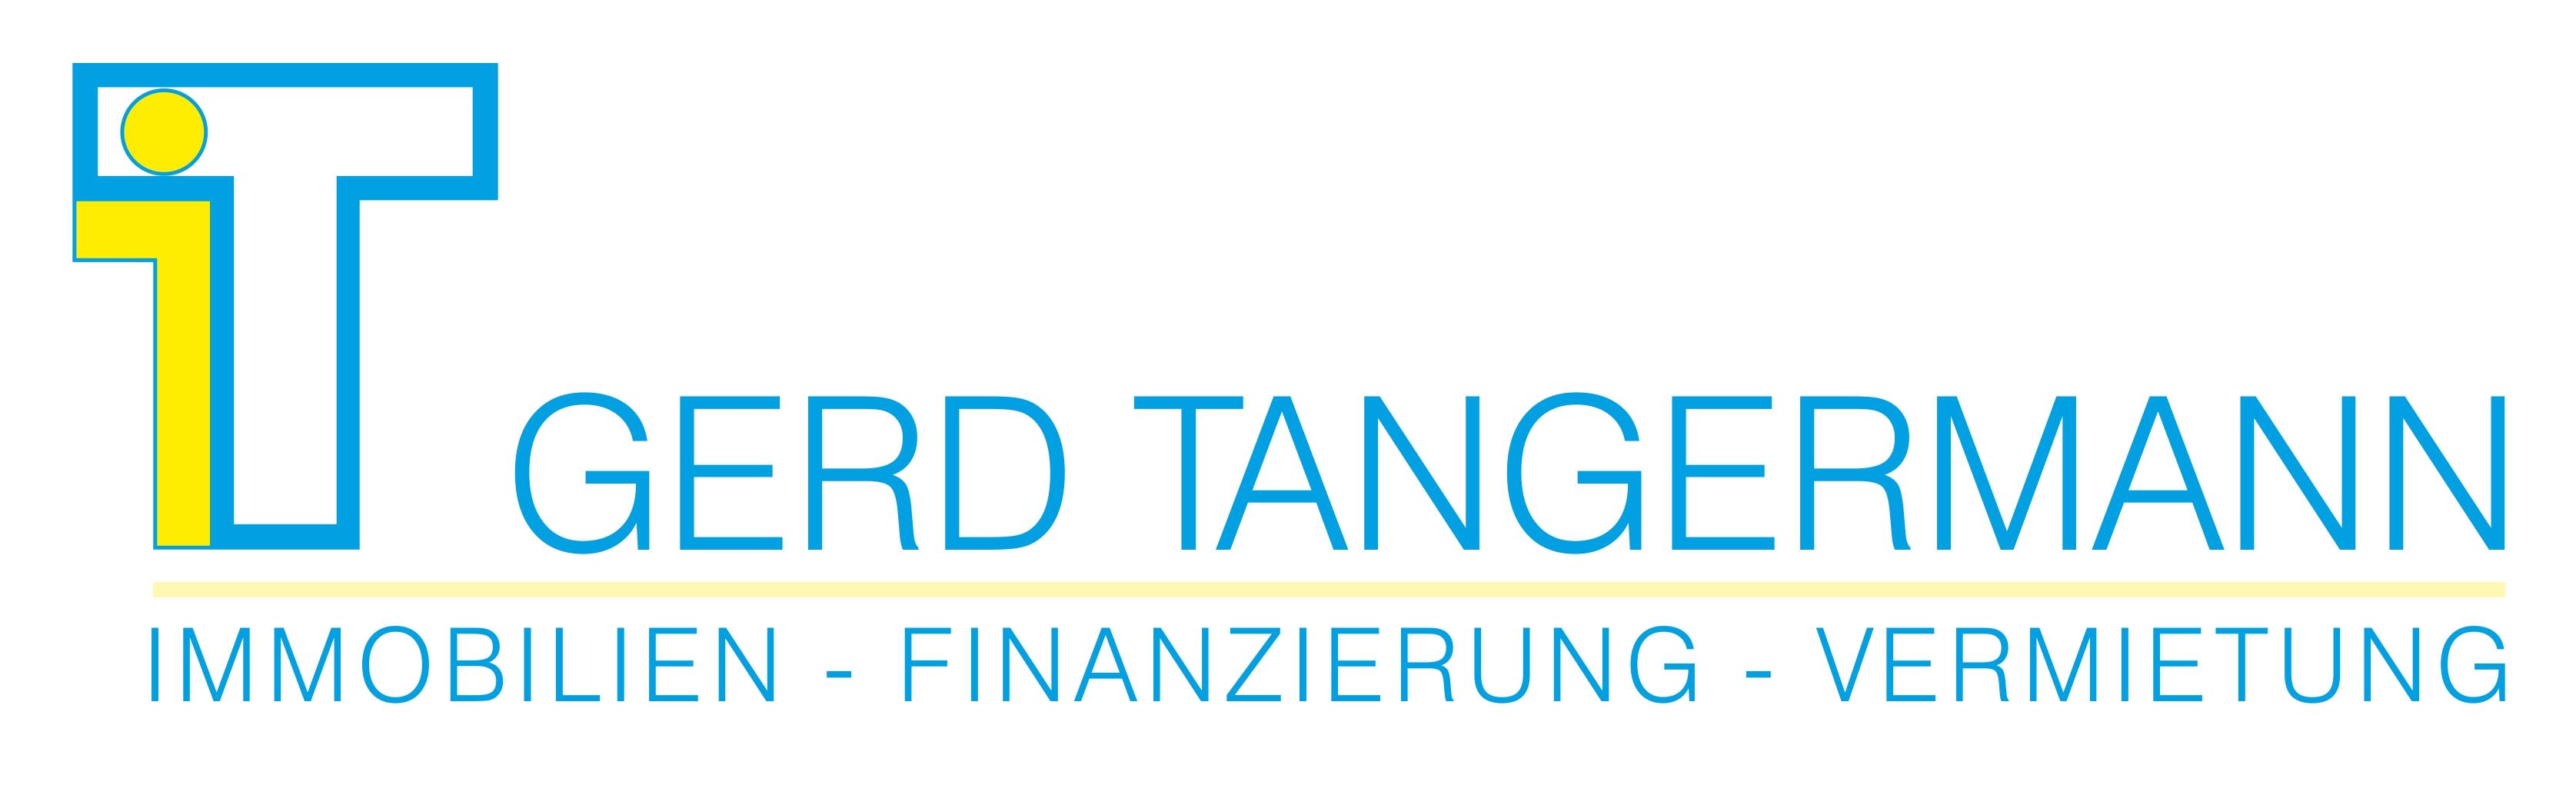 Hier sehen Sie das Logo von Tangermann Immobilien-Finanzierung